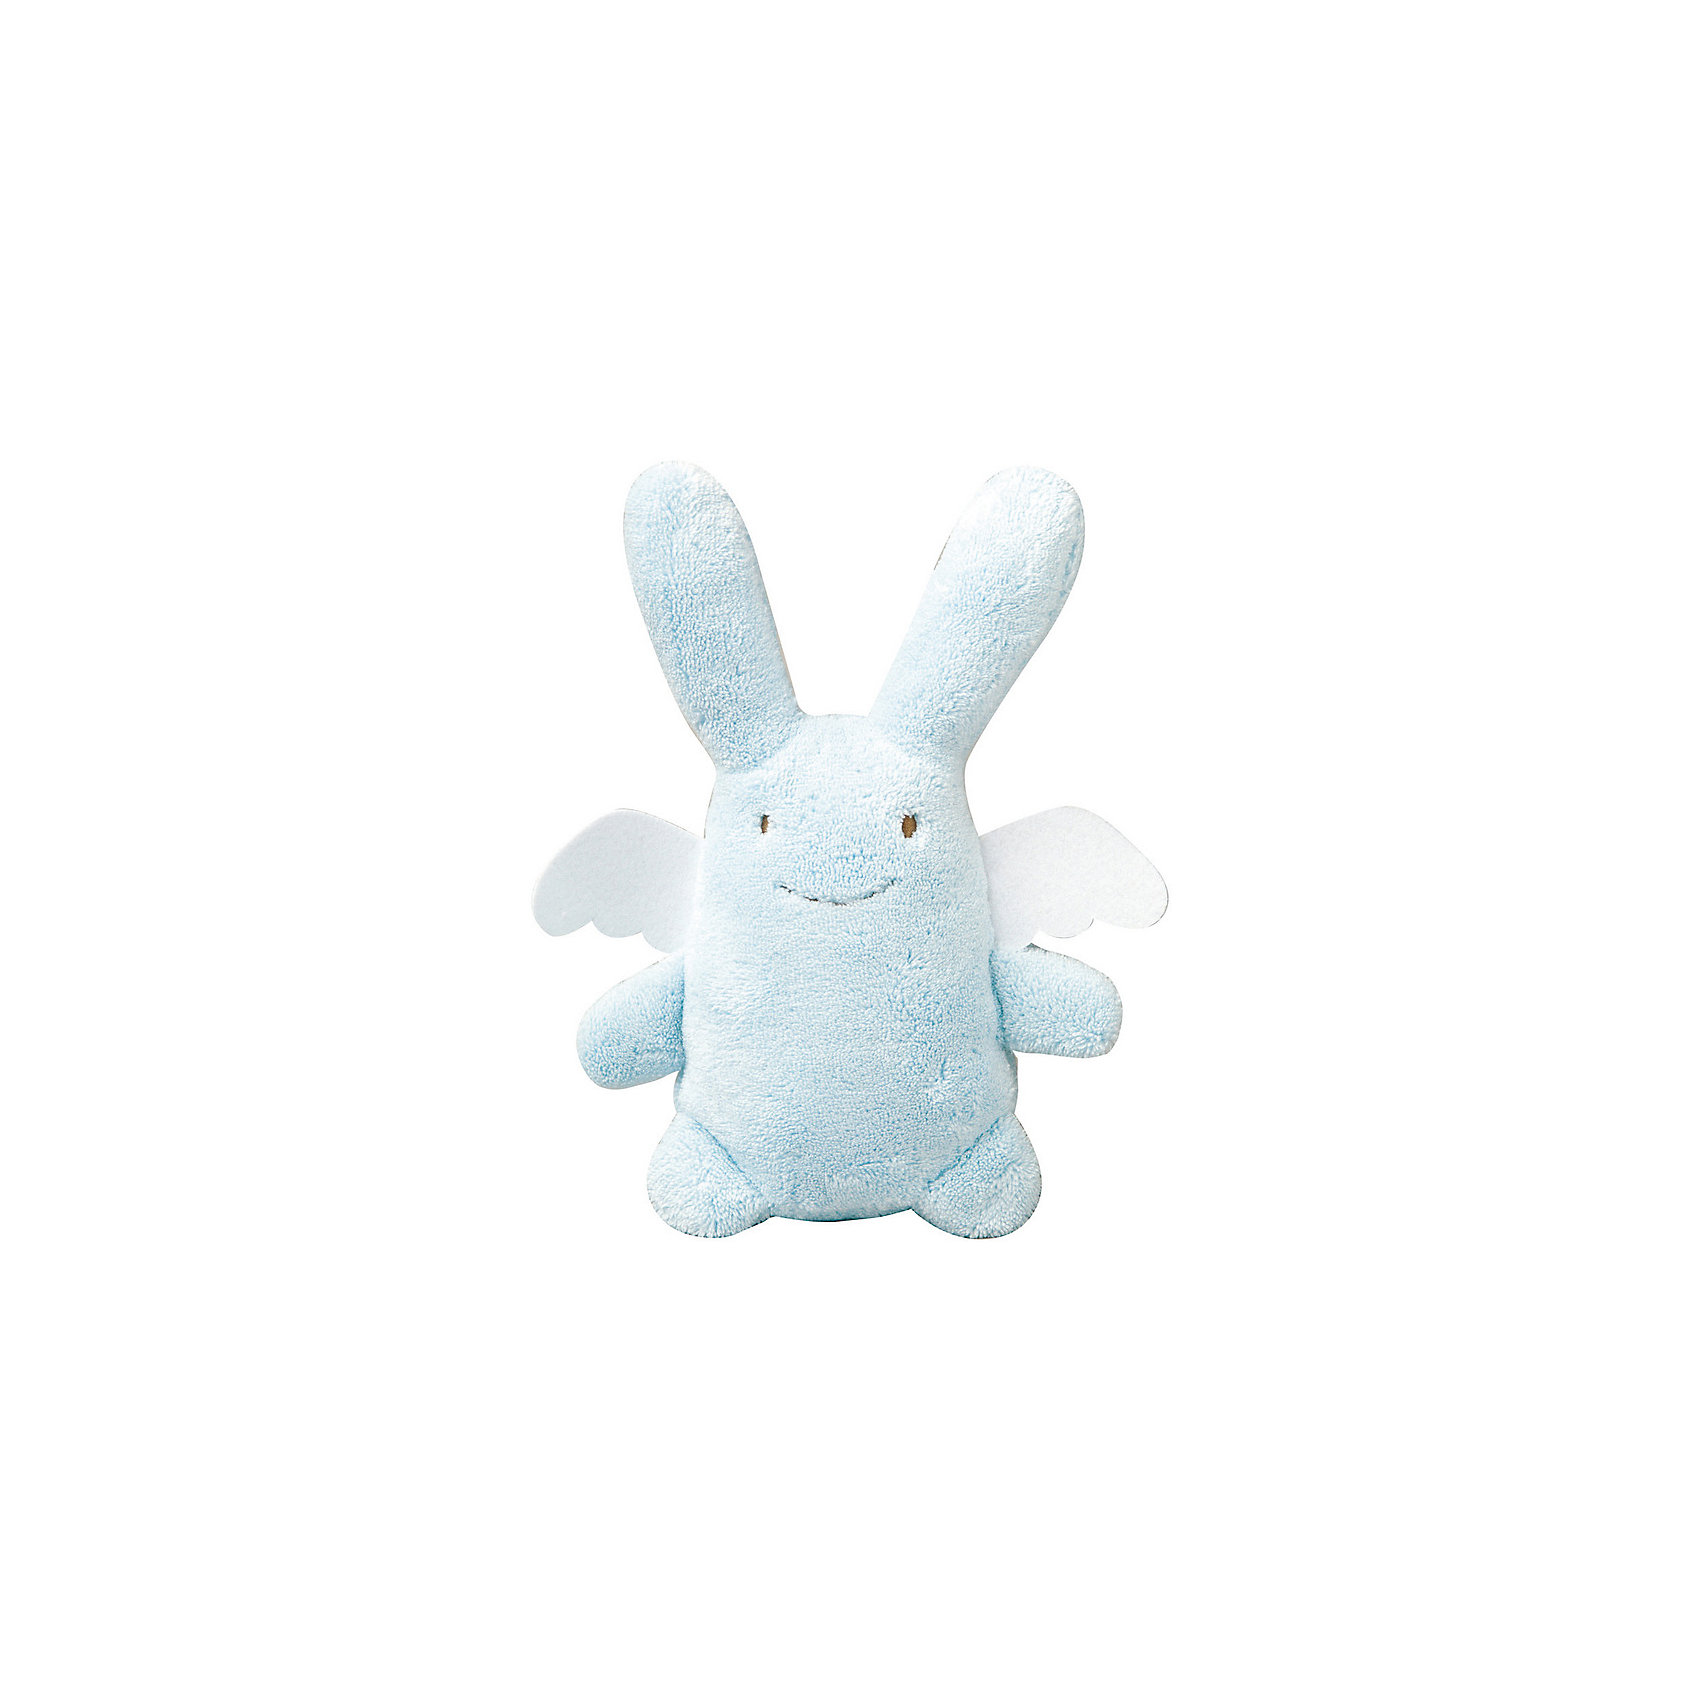 Мягкая игрушка Зайка с крылышками, музыкальный, голубой, 24см&#13;, TrousselierЗайцы и кролики<br>Мягкая игрушка Зайка с крылышками, музыкальный, голубой, 24см, Trousselier (Трусельер).<br><br>Характеристики:<br><br>- Высота игрушки: 24 см.<br>- Материал: хлопковый велюр<br>- Цвет: голубой<br>- Уход: возможна ручная стирка игрушки<br><br>Игрушка представляет собой очаровательного, очень мягкого зайчика с ангельскими крылышками. Зайчик выполнен в приятном голубом цвете, крылышки в белом – сочетание этих цветов смотрится очень органично, создавая нежный образ в лаконичном дизайне. Зайчик мило улыбается и раскинул лапки в сторону, как будто только и ждет, чтобы его обняли. Игрушка имеет музыкальный блок, который может воспроизводить нежную мелодию, если нажать на туловище зайки. Зайчика очень удобно держать маленькому ребенку. Его можно укладывать спать вместе с малышом в коляску или кроватку. С таким другом кроха будет быстрее погружаться в мир снов и спокойнее спать. Игрушка изготовлена из мягкого, приятного на ощупь, гипоаллергенного материала - хлопкового велюра. Французский бренд Trousselier (Трусельер) вот уже более 40 лет создает уникальные коллекции детских игрушек. Вся продукция изготавливается из натуральных материалов с соблюдением высоких европейских стандартов качества.<br><br>Мягкую игрушку Зайка с крылышками, музыкальную, голубую, 24см, Trousselier (Трусельер) можно купить в нашем интернет-магазине.<br><br>Ширина мм: 190<br>Глубина мм: 190<br>Высота мм: 90<br>Вес г: 290<br>Возраст от месяцев: -2147483648<br>Возраст до месяцев: 2147483647<br>Пол: Унисекс<br>Возраст: Детский<br>SKU: 4964808